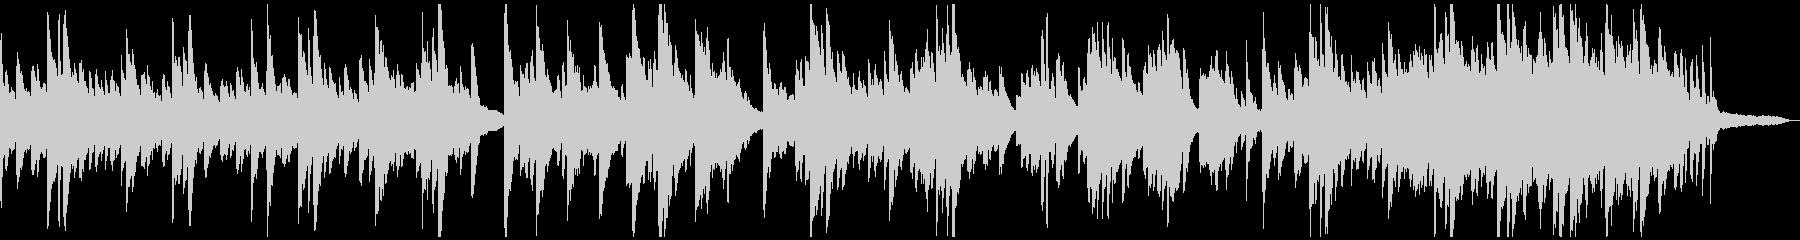 メランコリックな柔らかいピアノソロの未再生の波形